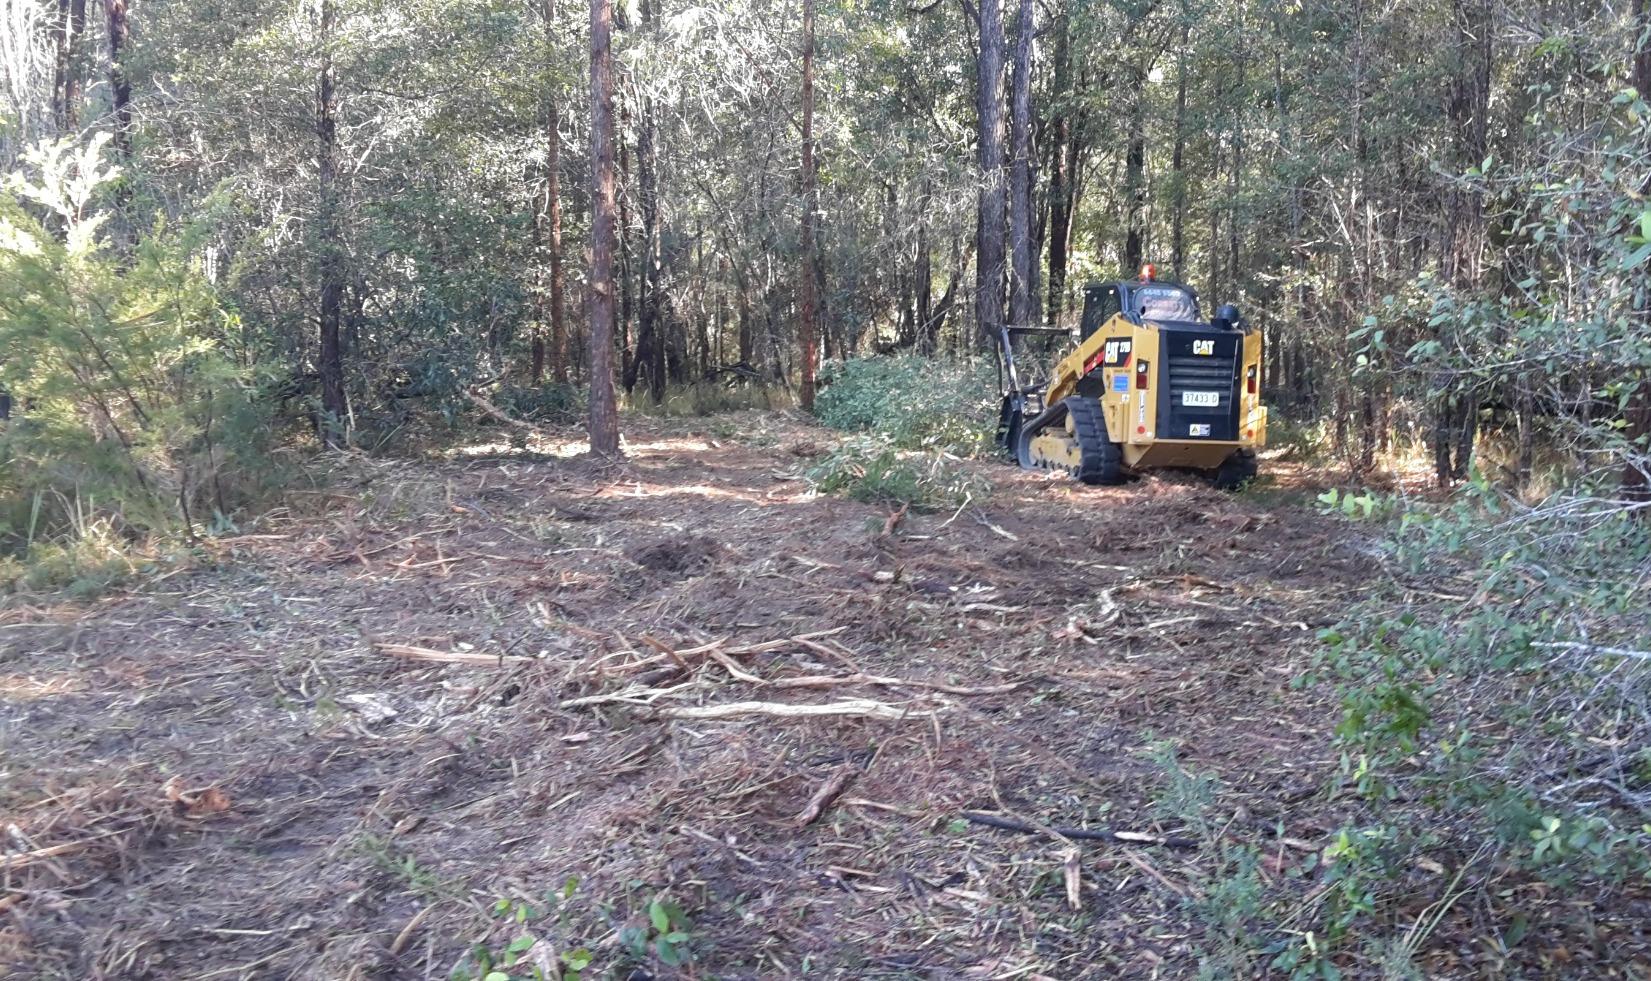 Bobcat tree shredder